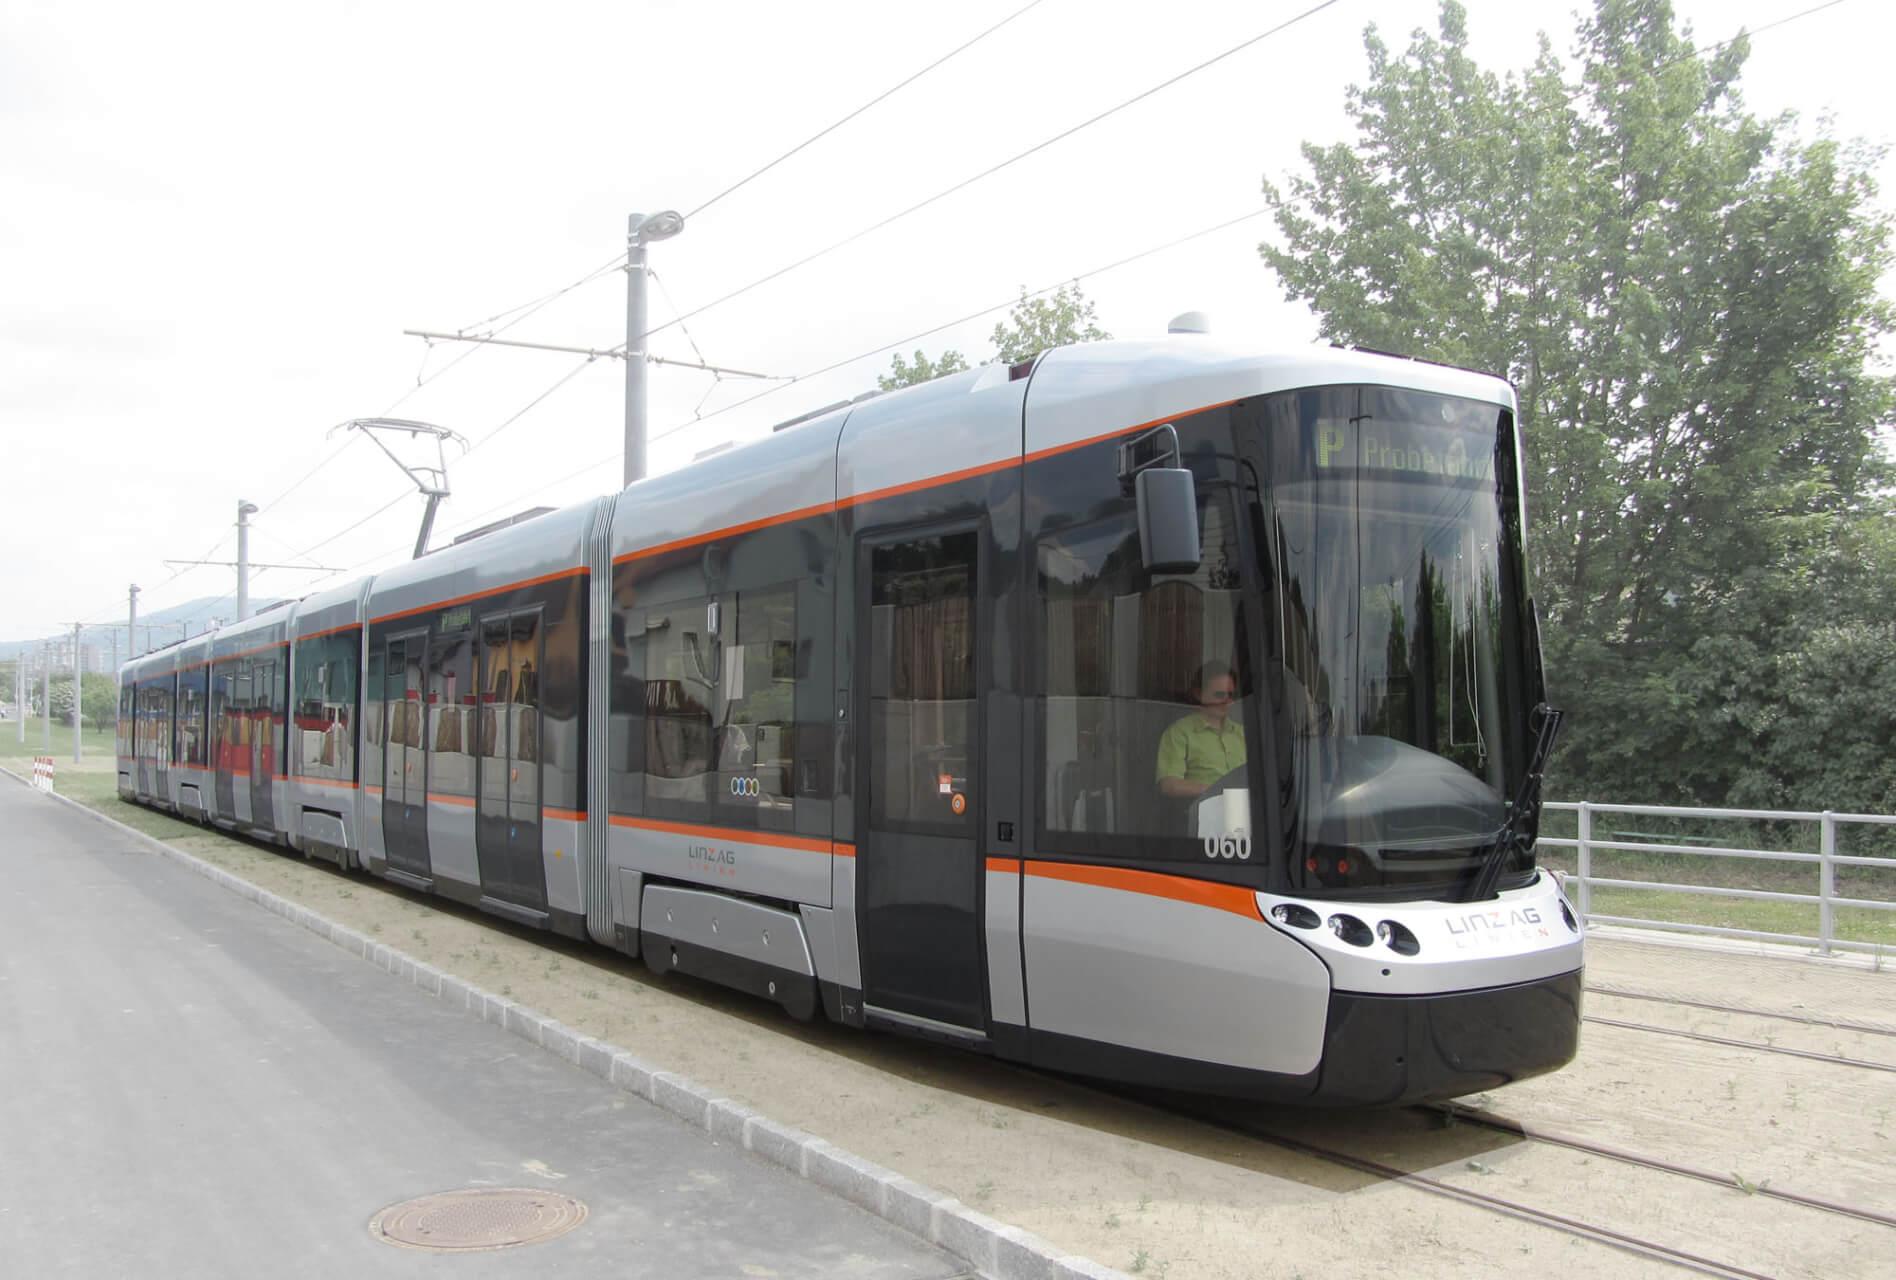 Strassenbahn auf Testfahrt, Silbergrau in freiem Gelände